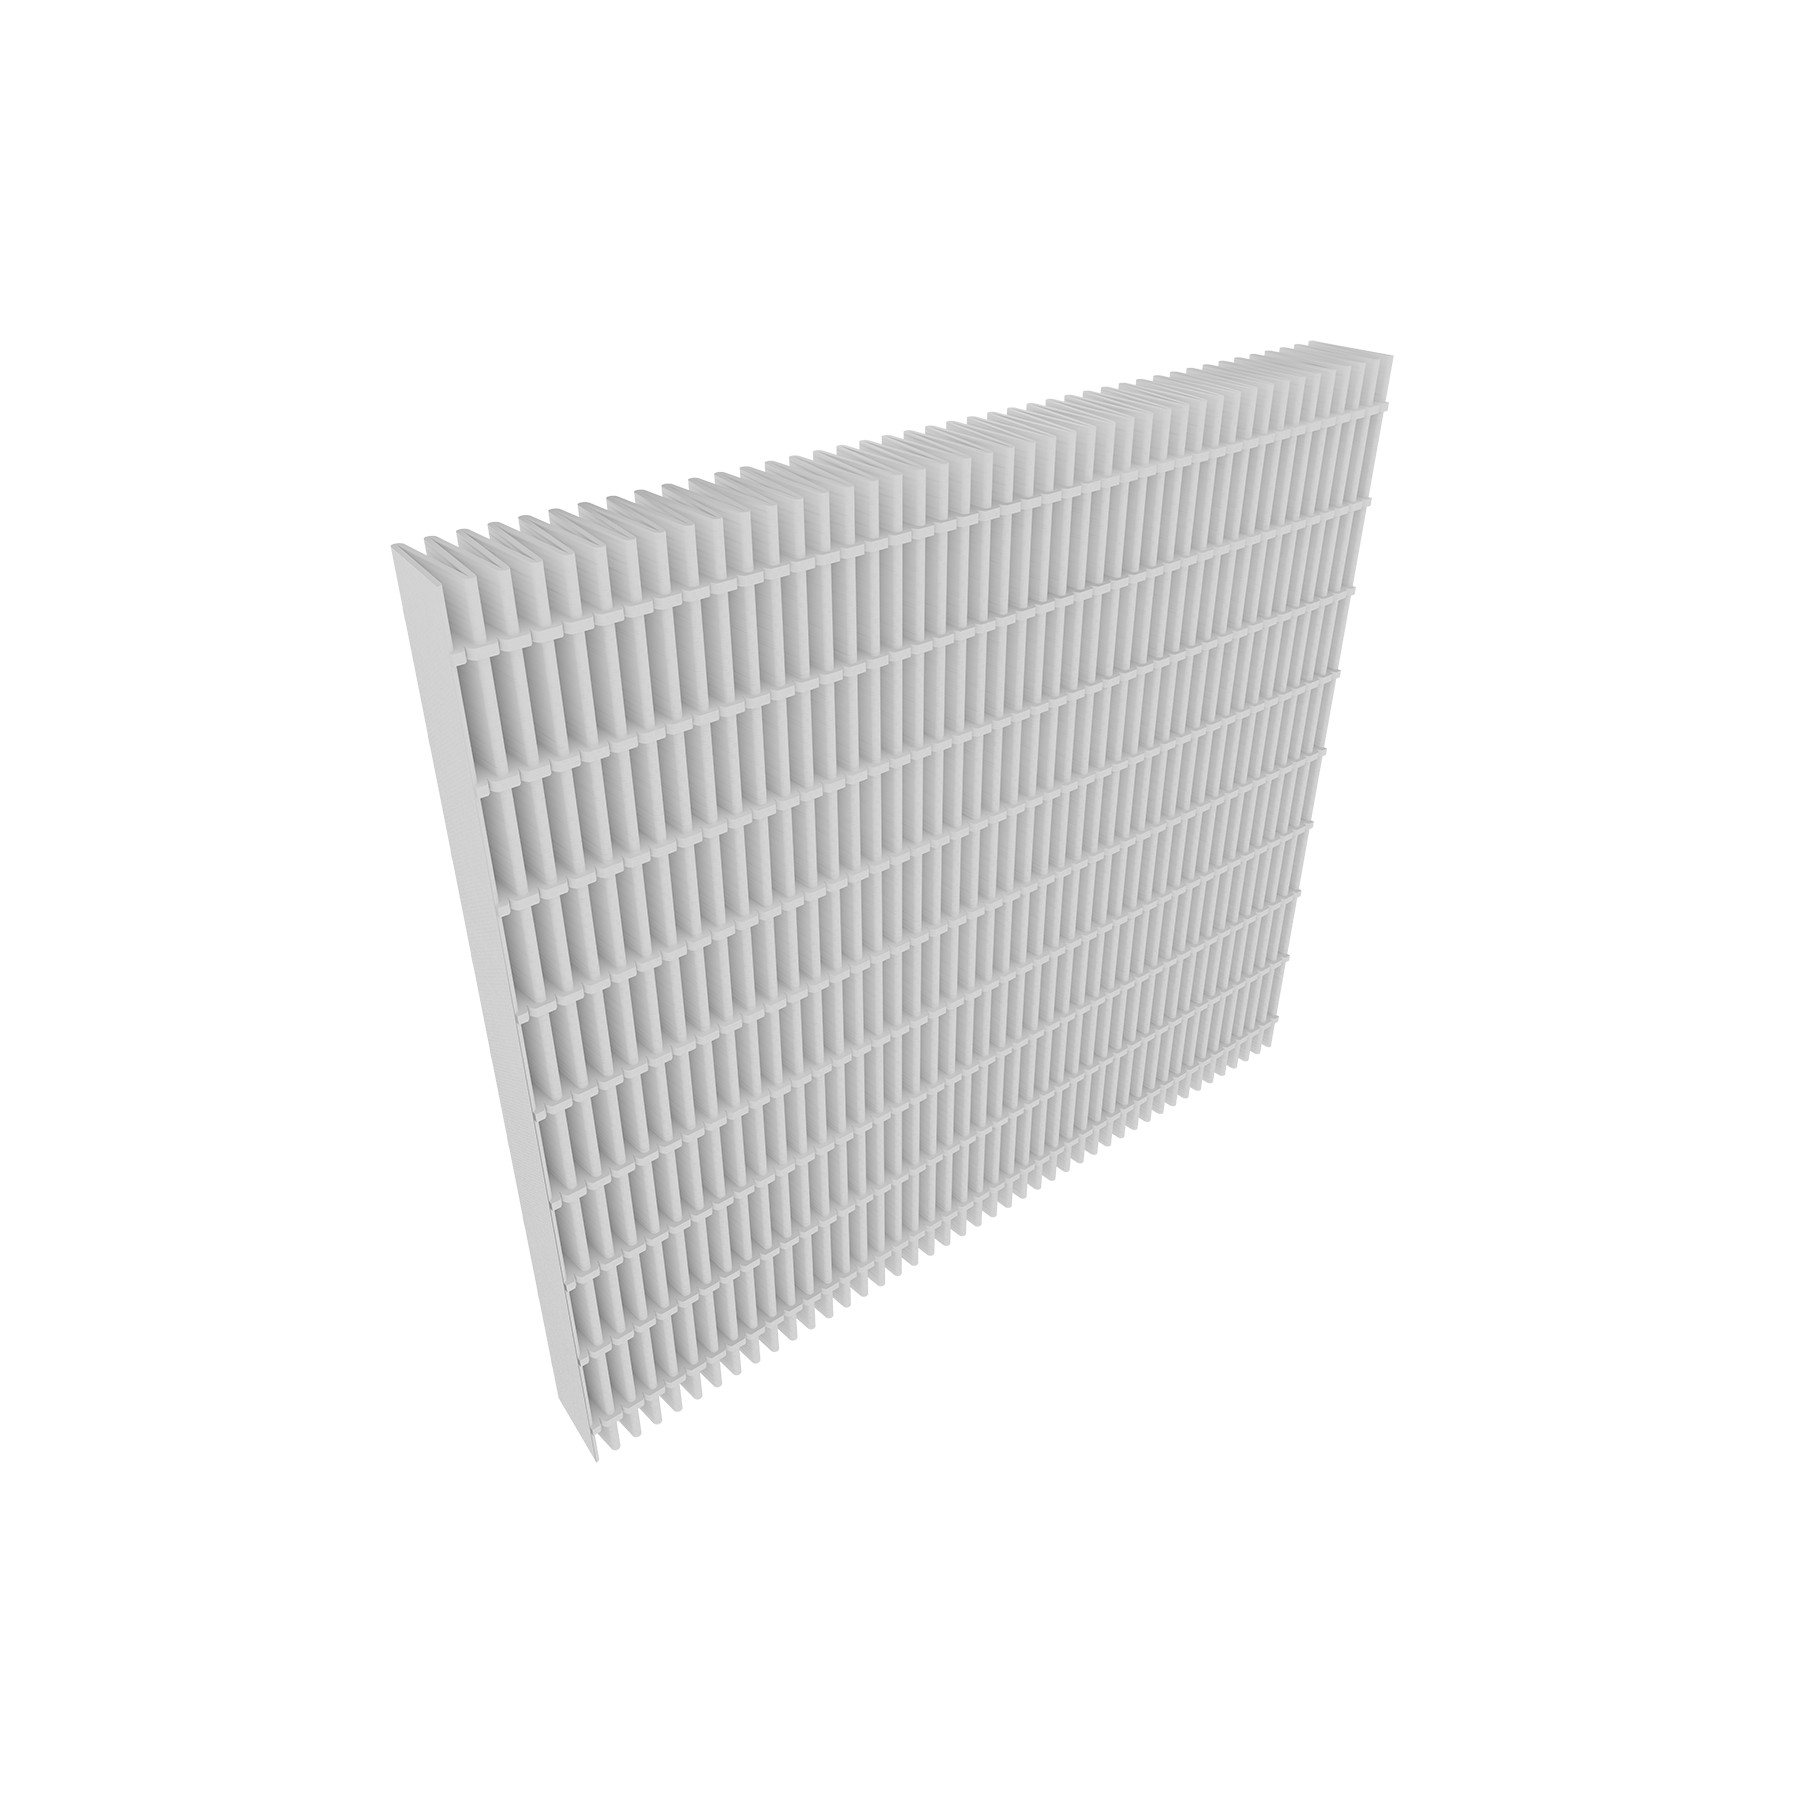 Optional MERV 13 Filter